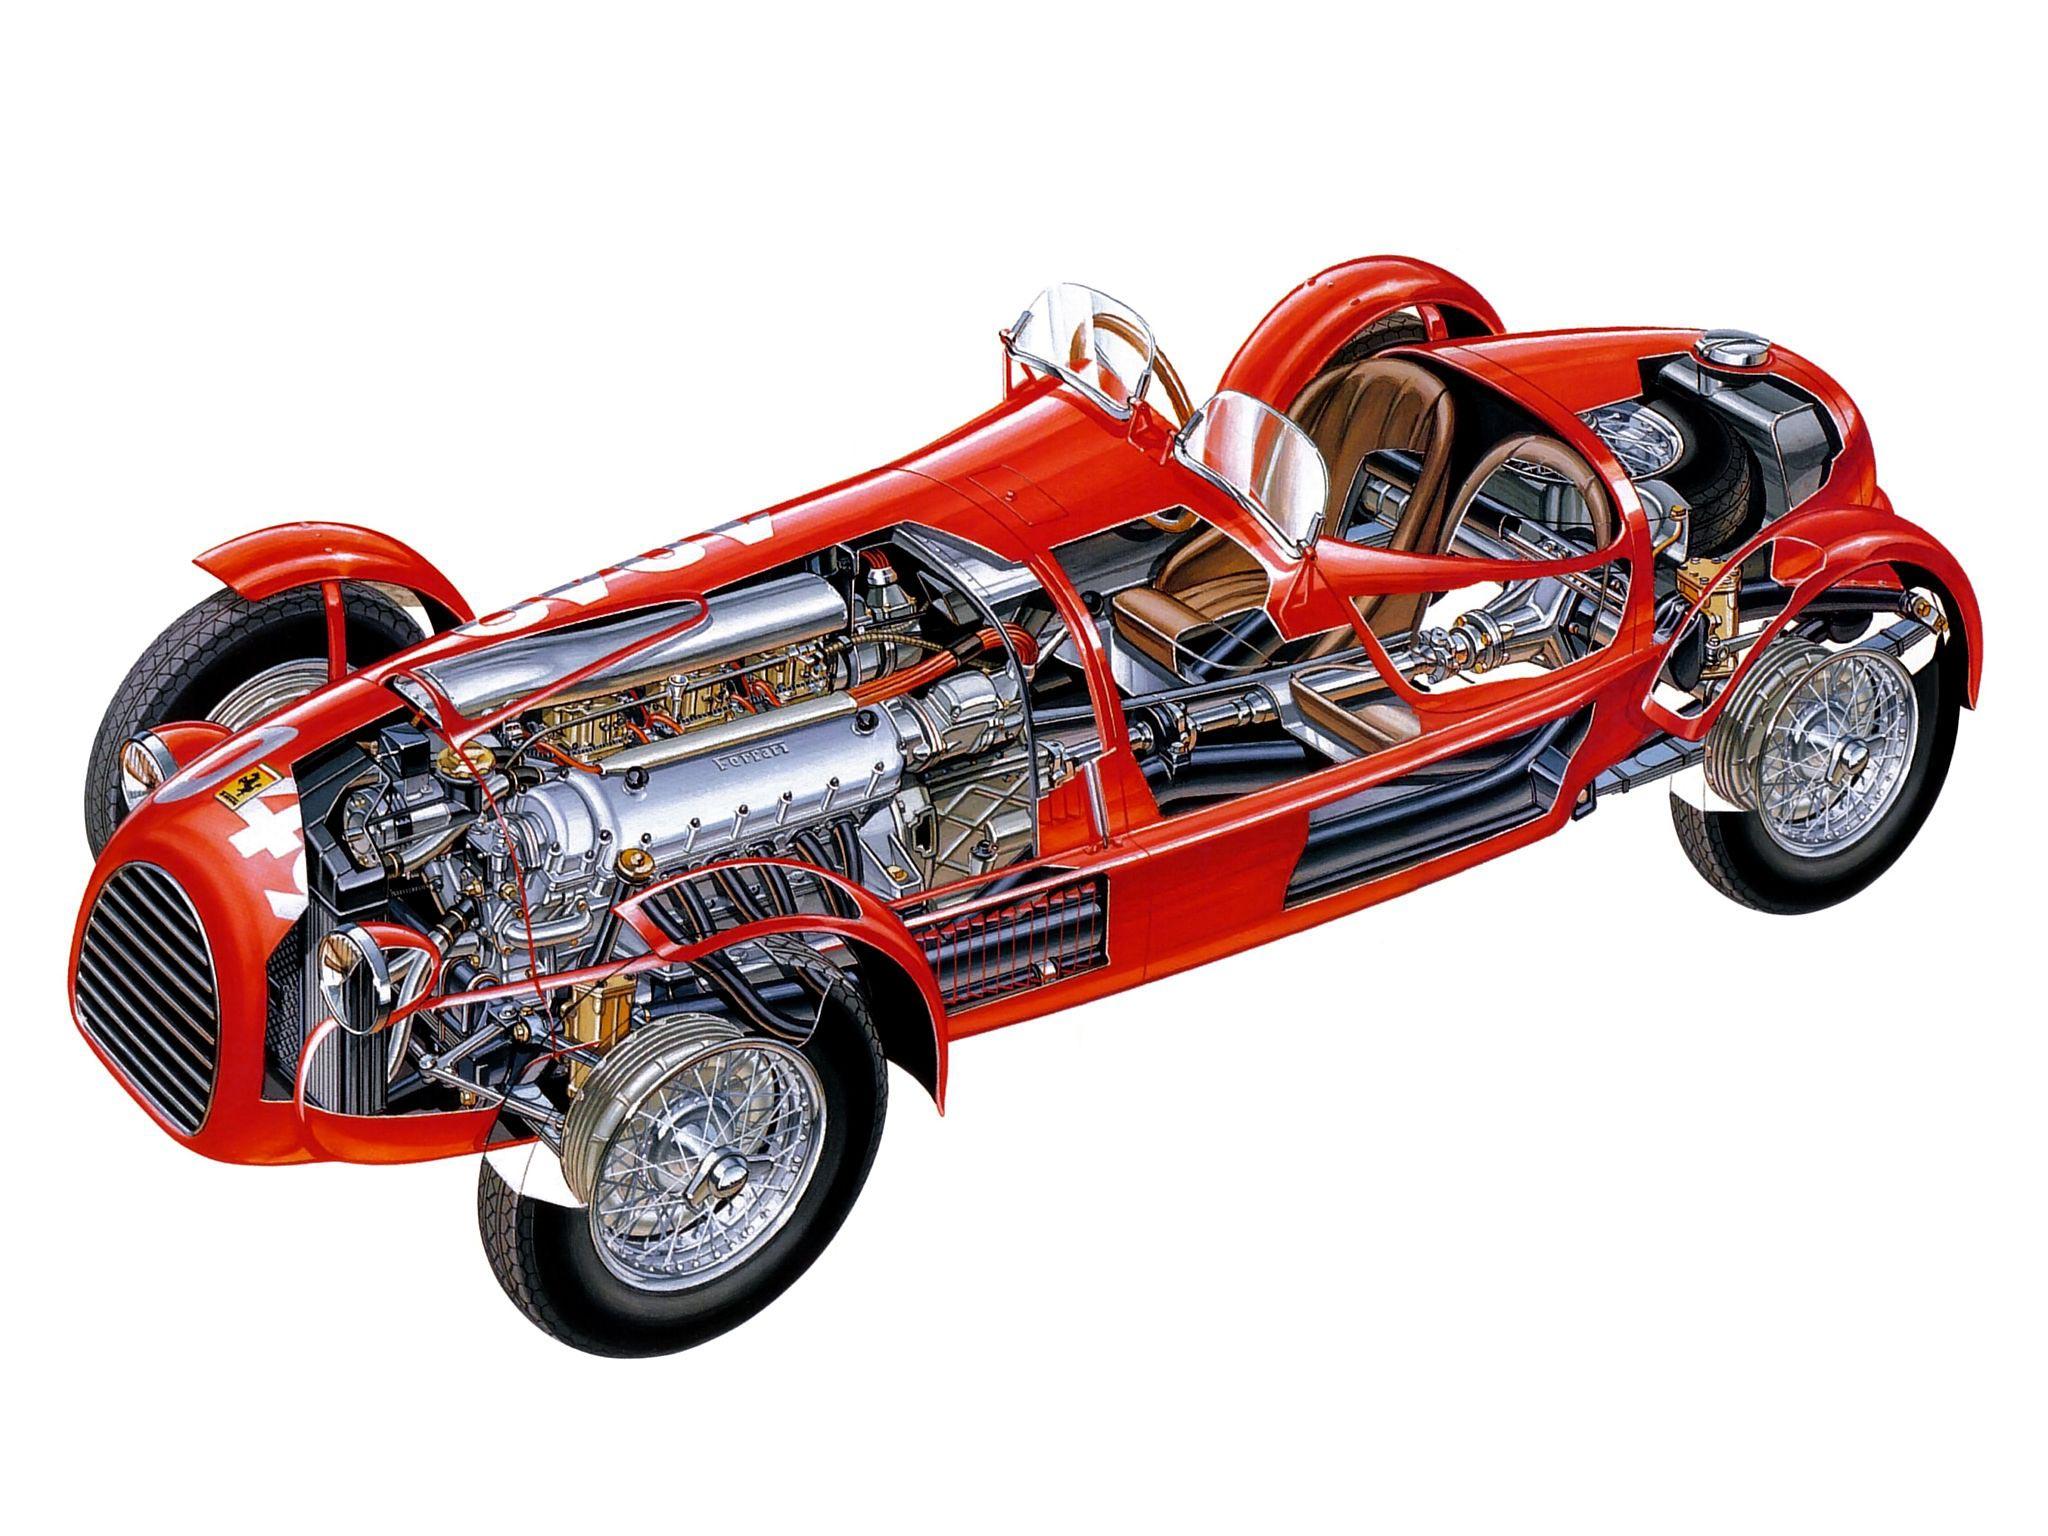 Ferrari 166 Spyder Corsa cutaway drawing